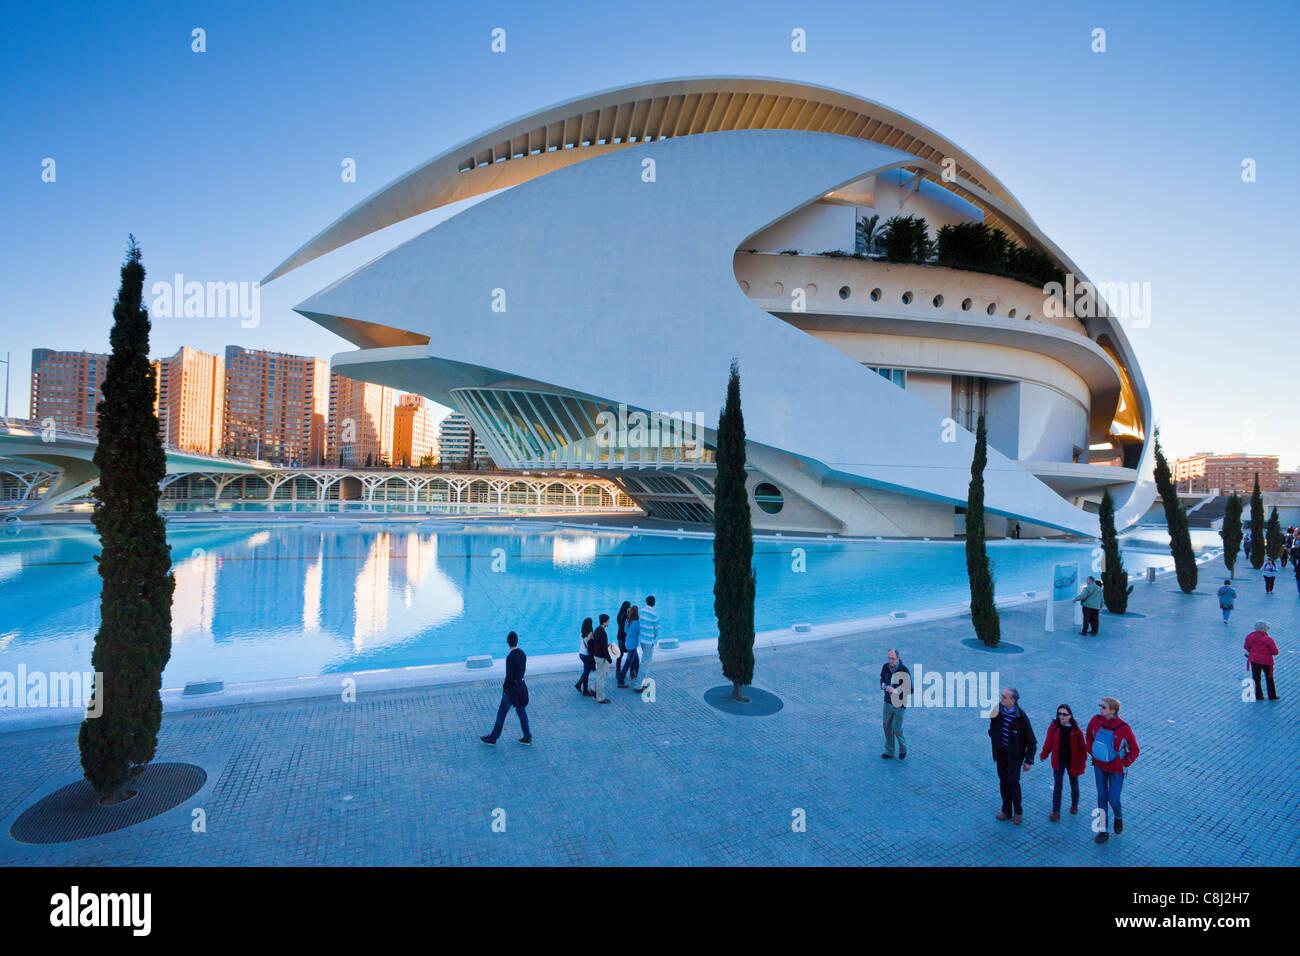 España, Europa, Valencia, Ciudad de las Artes y las Ciencias, Calatrava, la arquitectura moderna, Palacio de Imagen De Stock